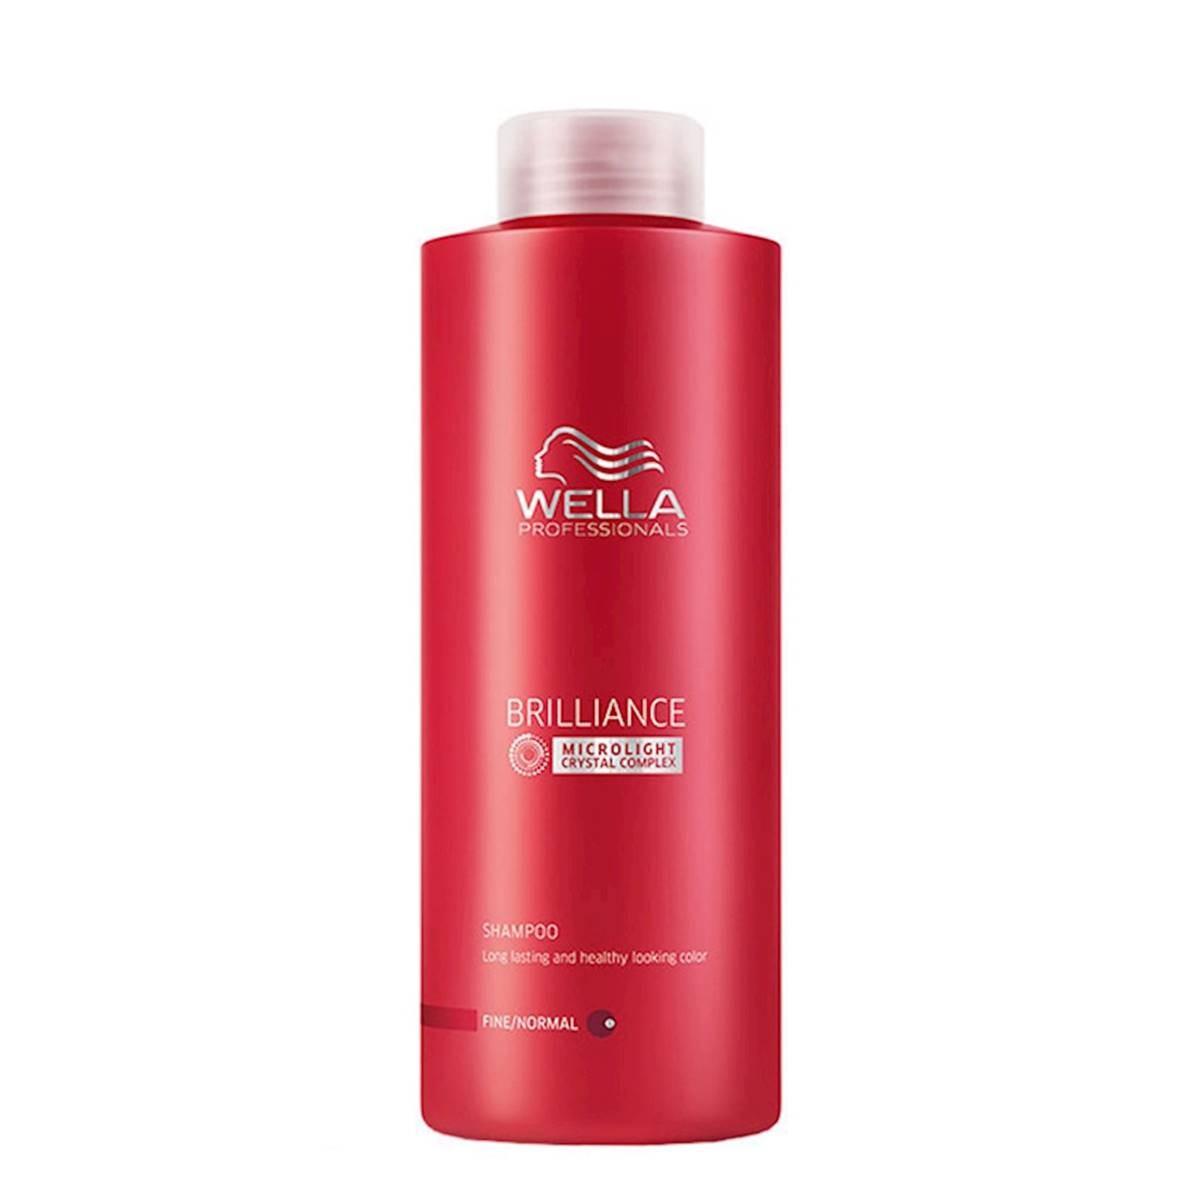 Shampoo Wella Brilliance Para Cabelos Coloridos 1 Litro